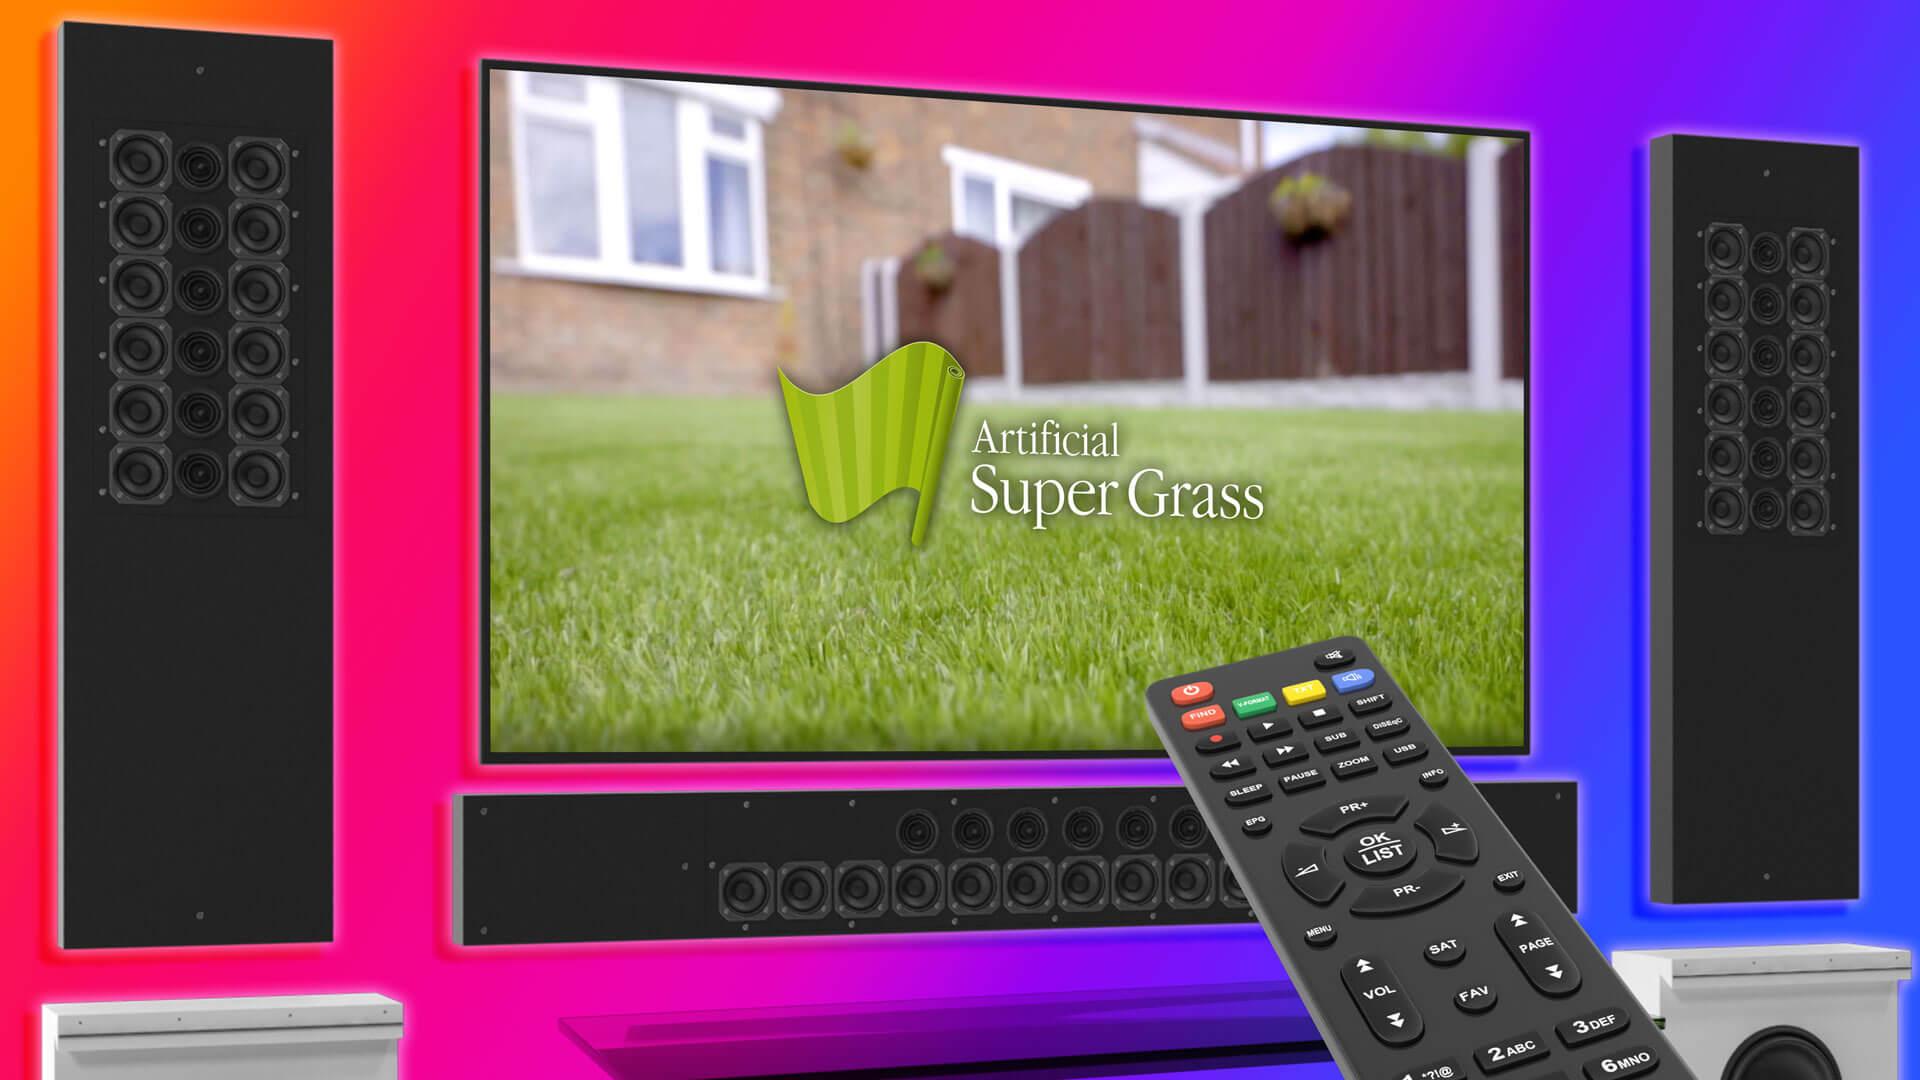 artificial super grass 3